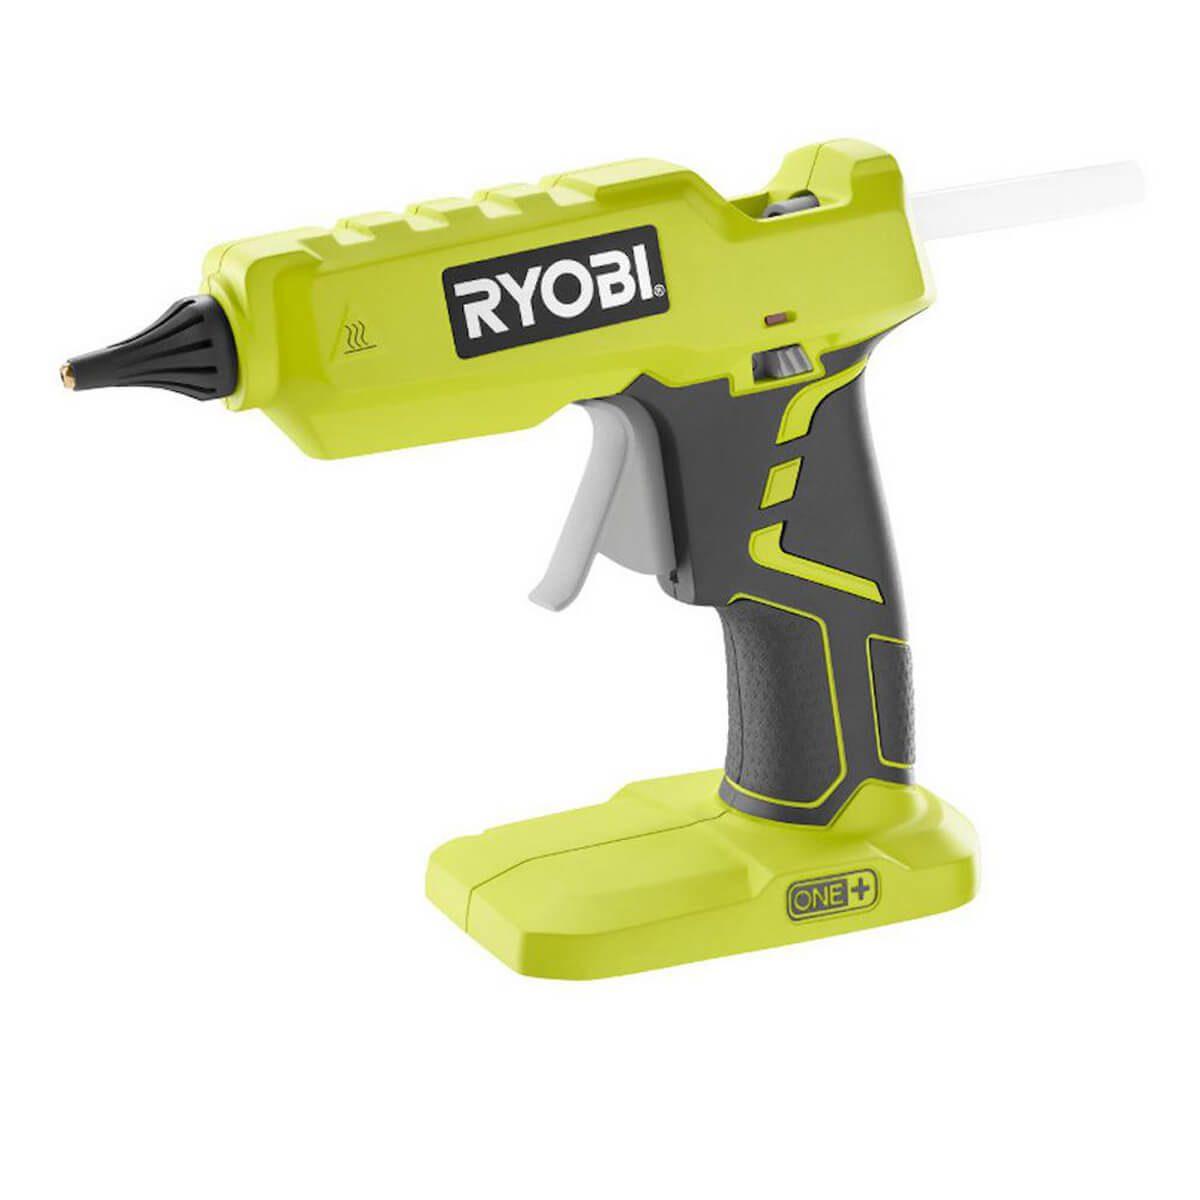 Ryobi Cordless Glue Gun